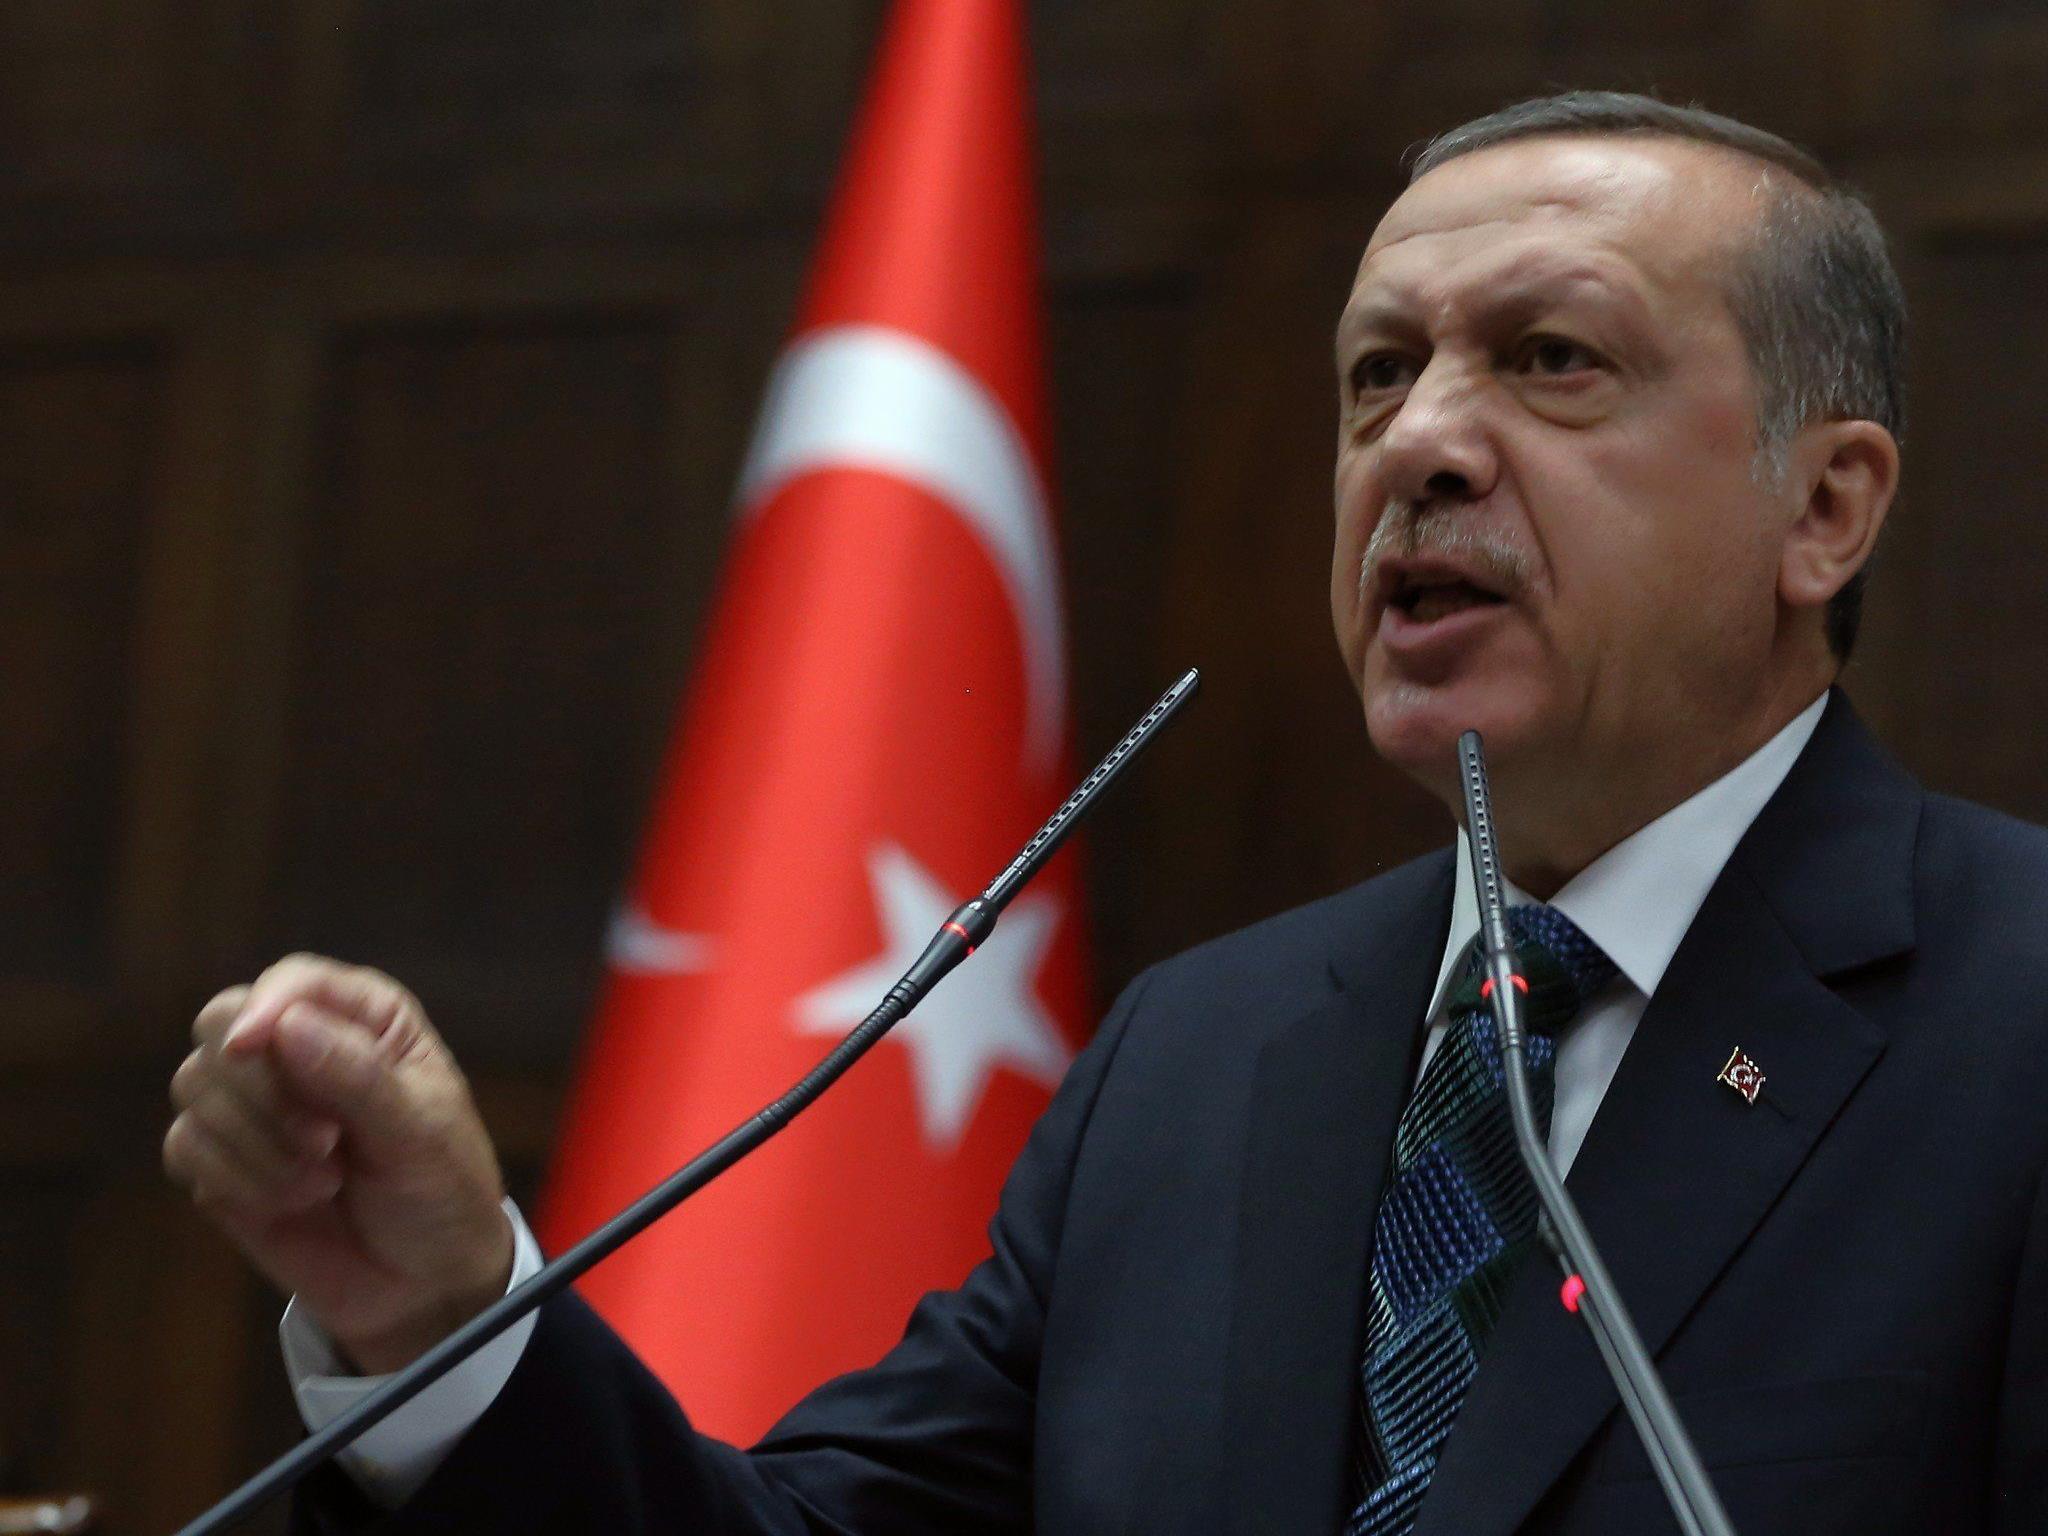 Schadet Erdogan-Auftritt der Integration?